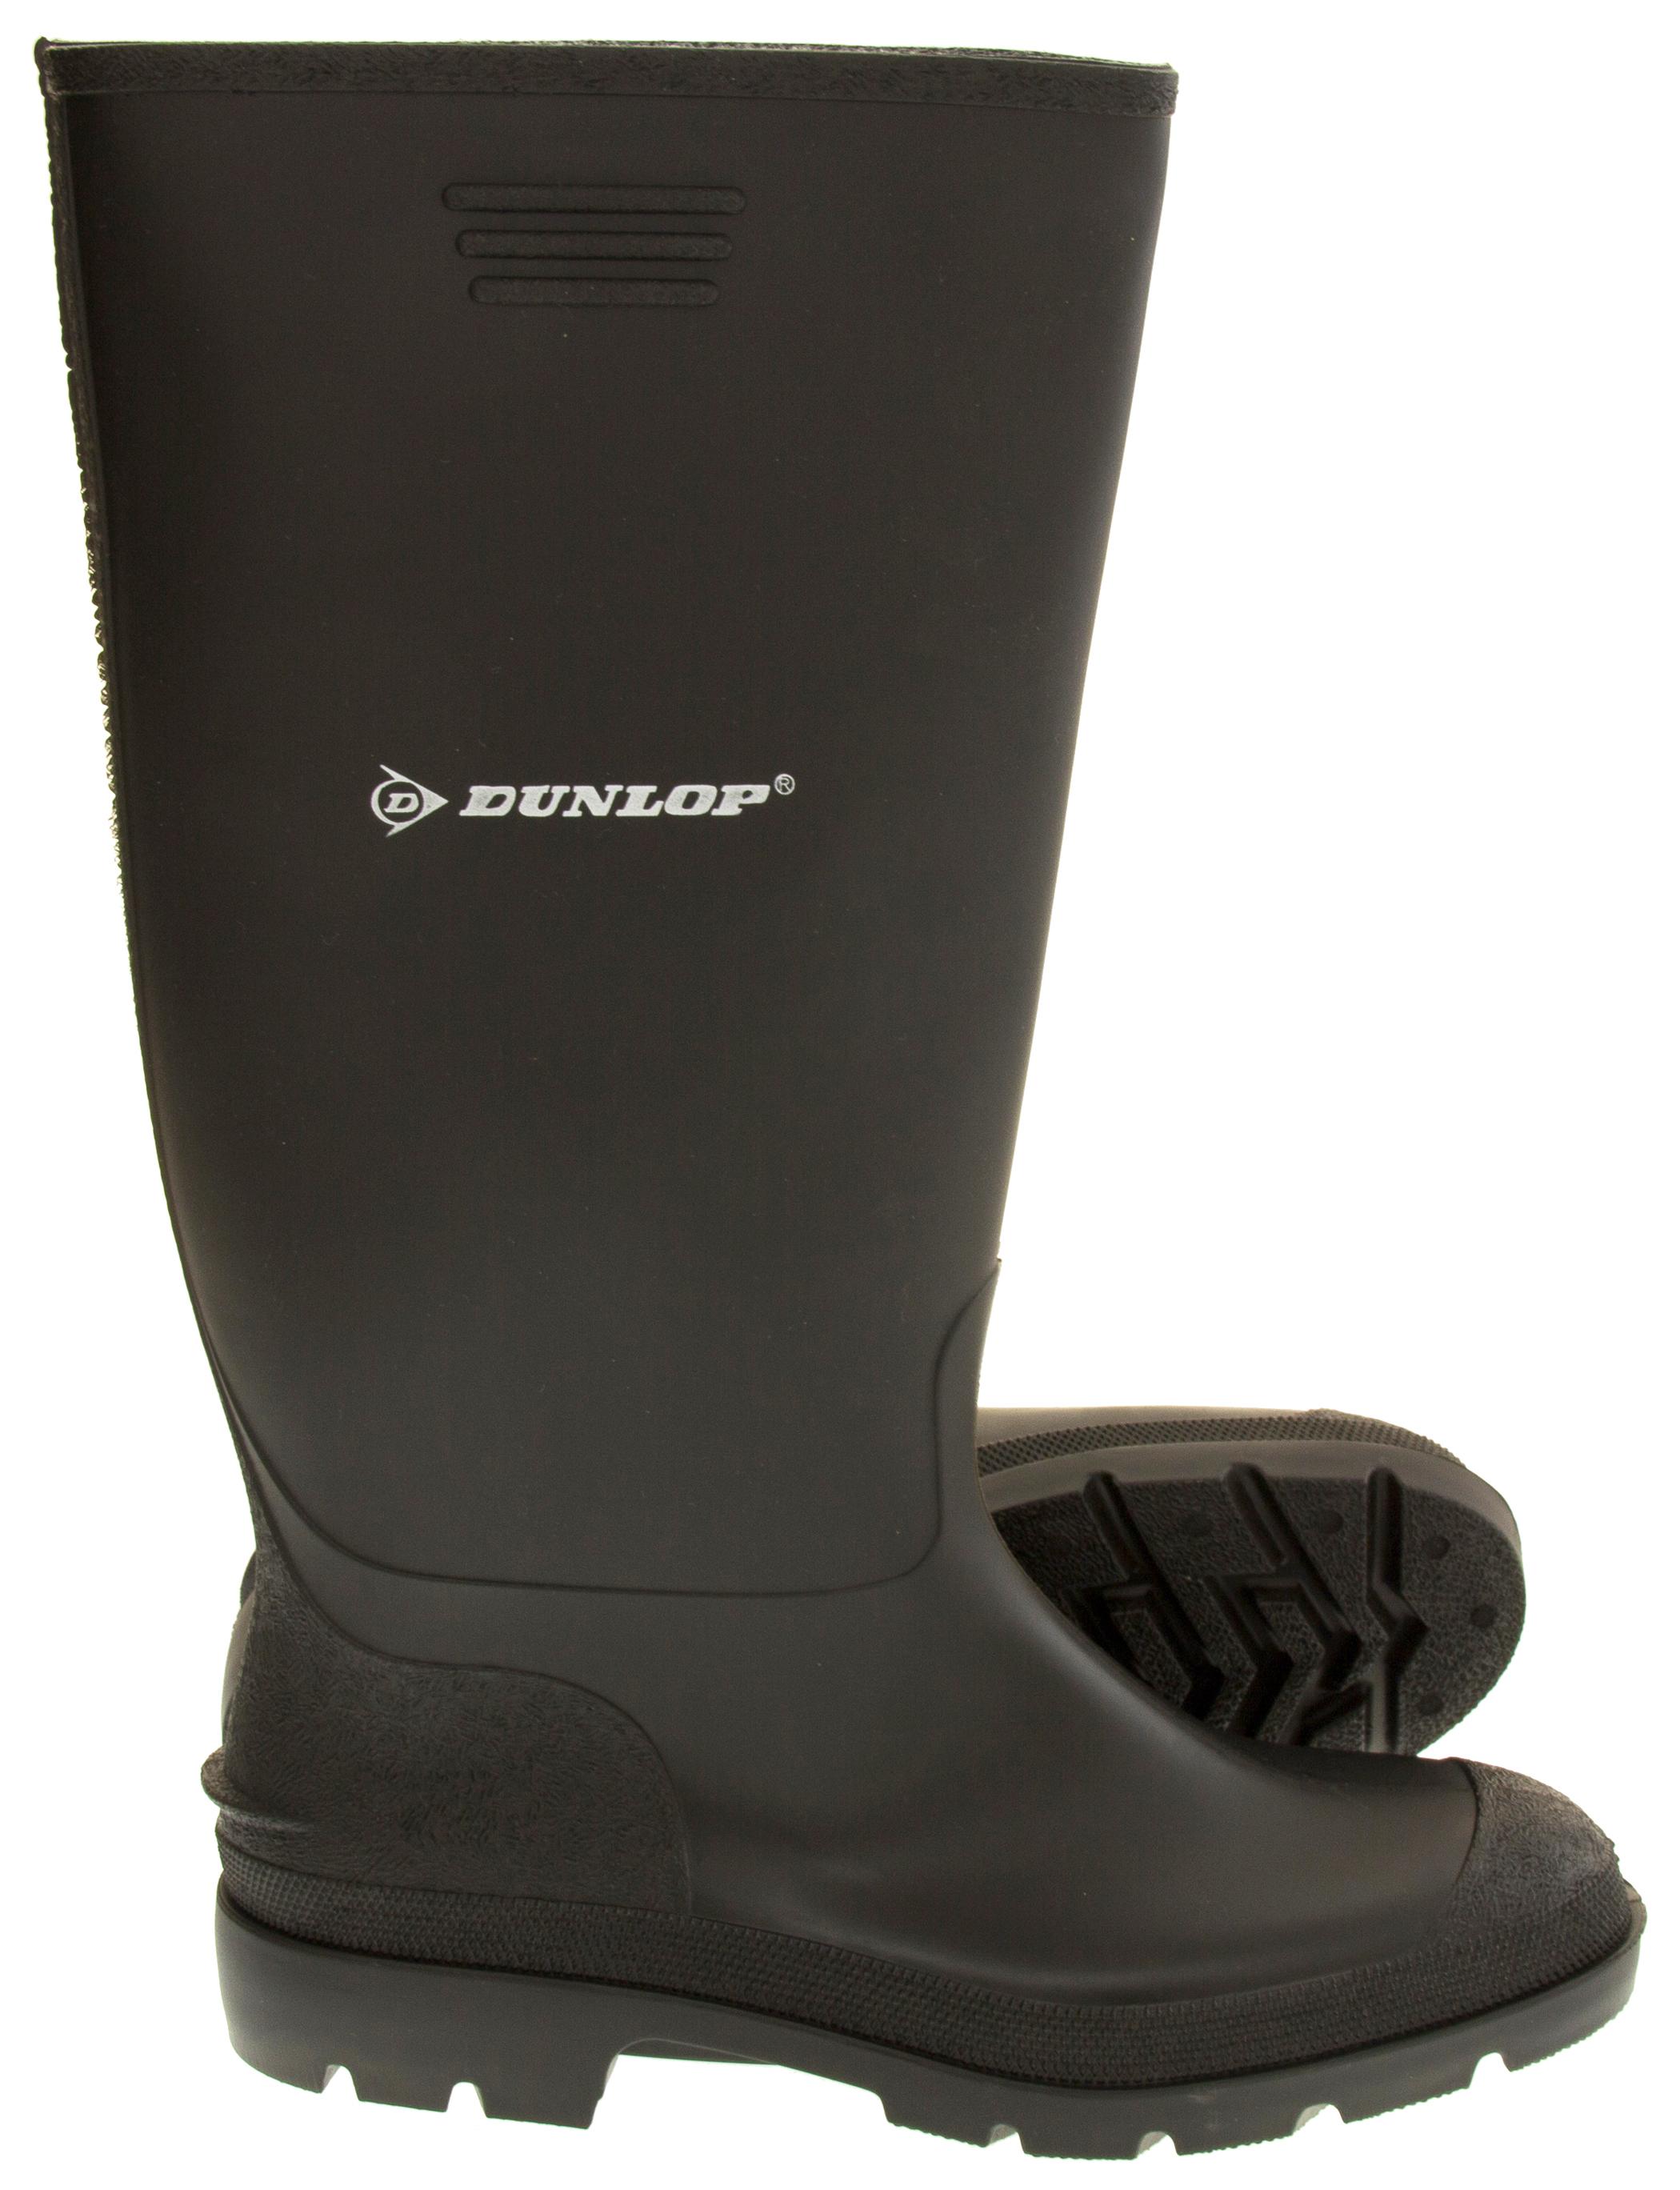 Mens dunlop waterproof wellington boots garden boot for Mens garden boots